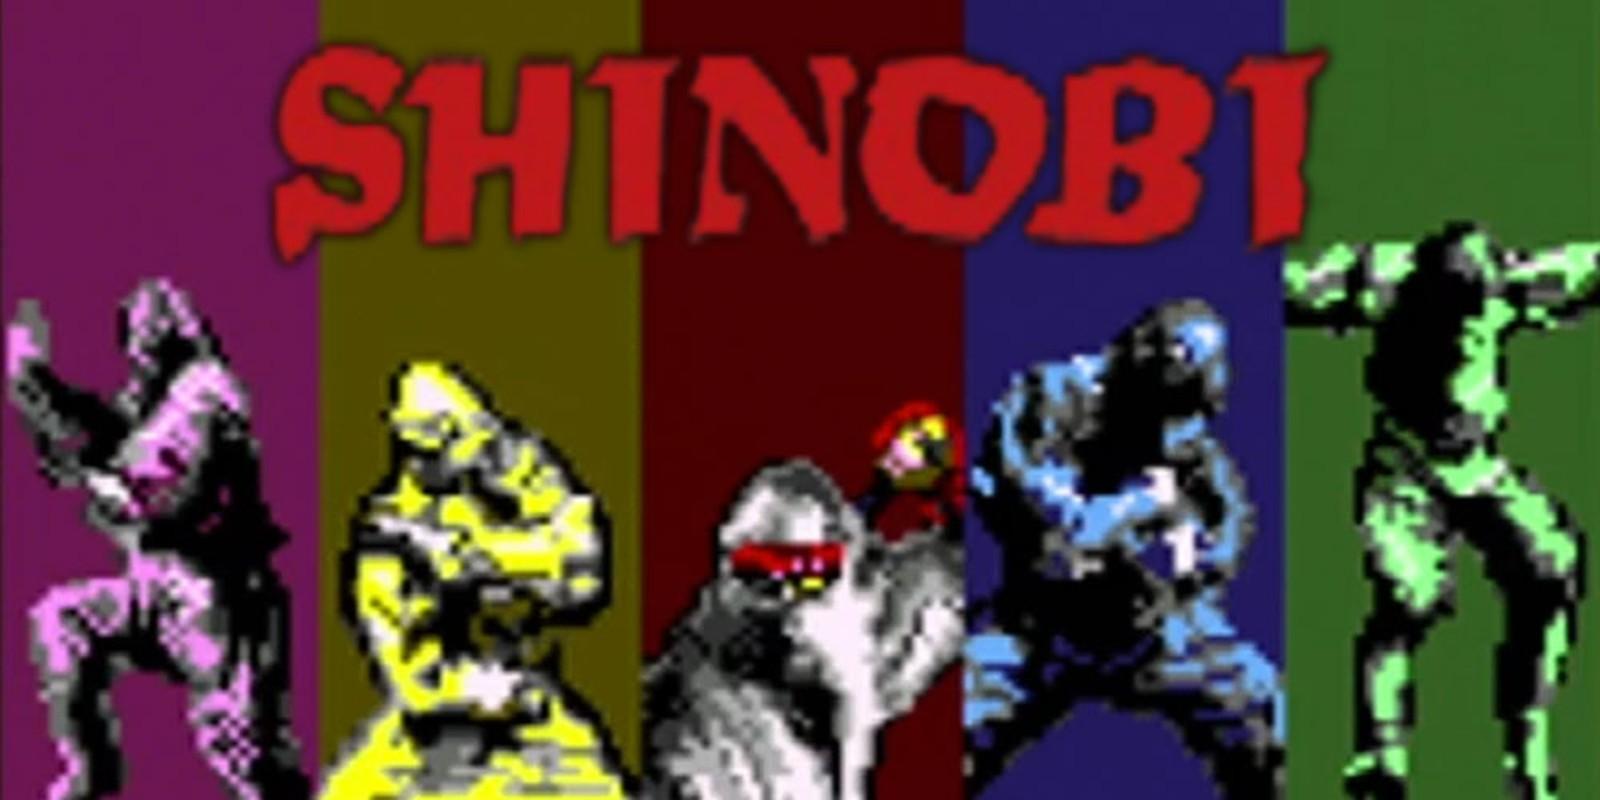 Shinobi Virtual Console Nintendo 3ds Games Nintendo